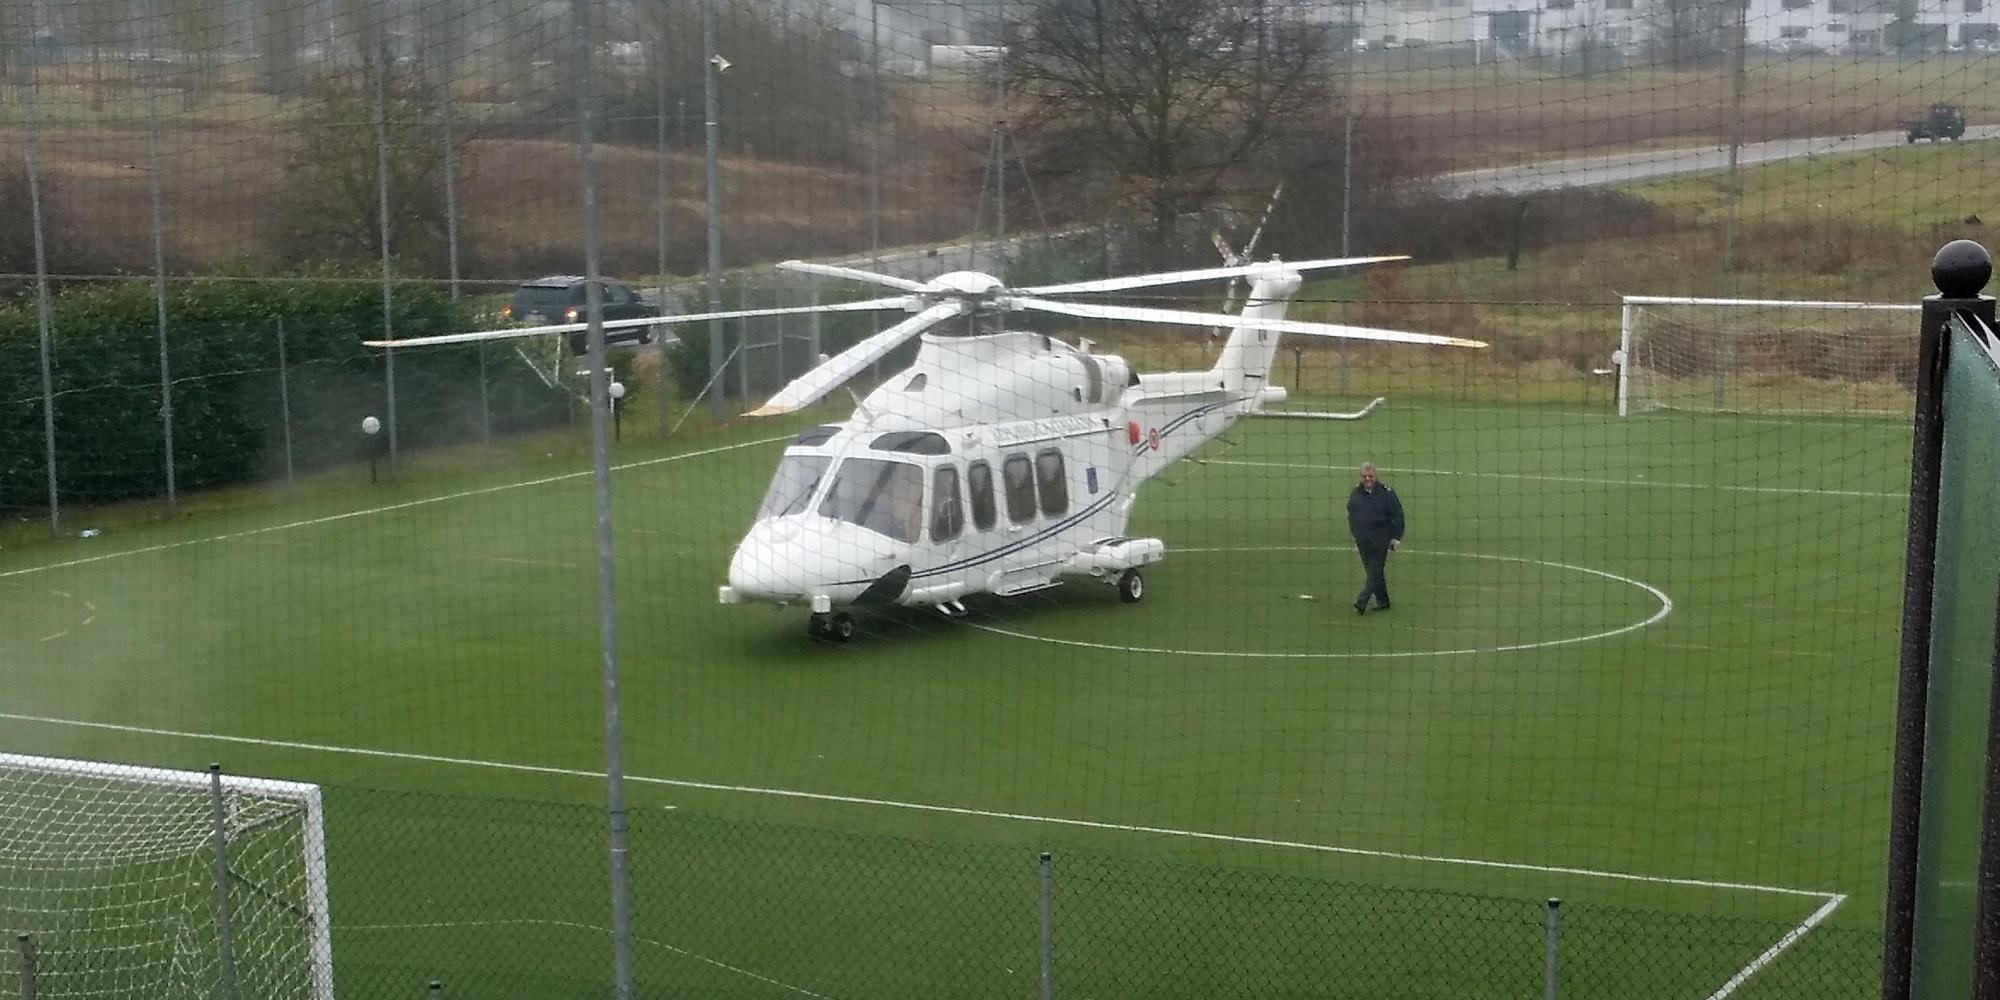 Elicottero Usato : Un altro volo con lelicottero blu imbarazza renzi